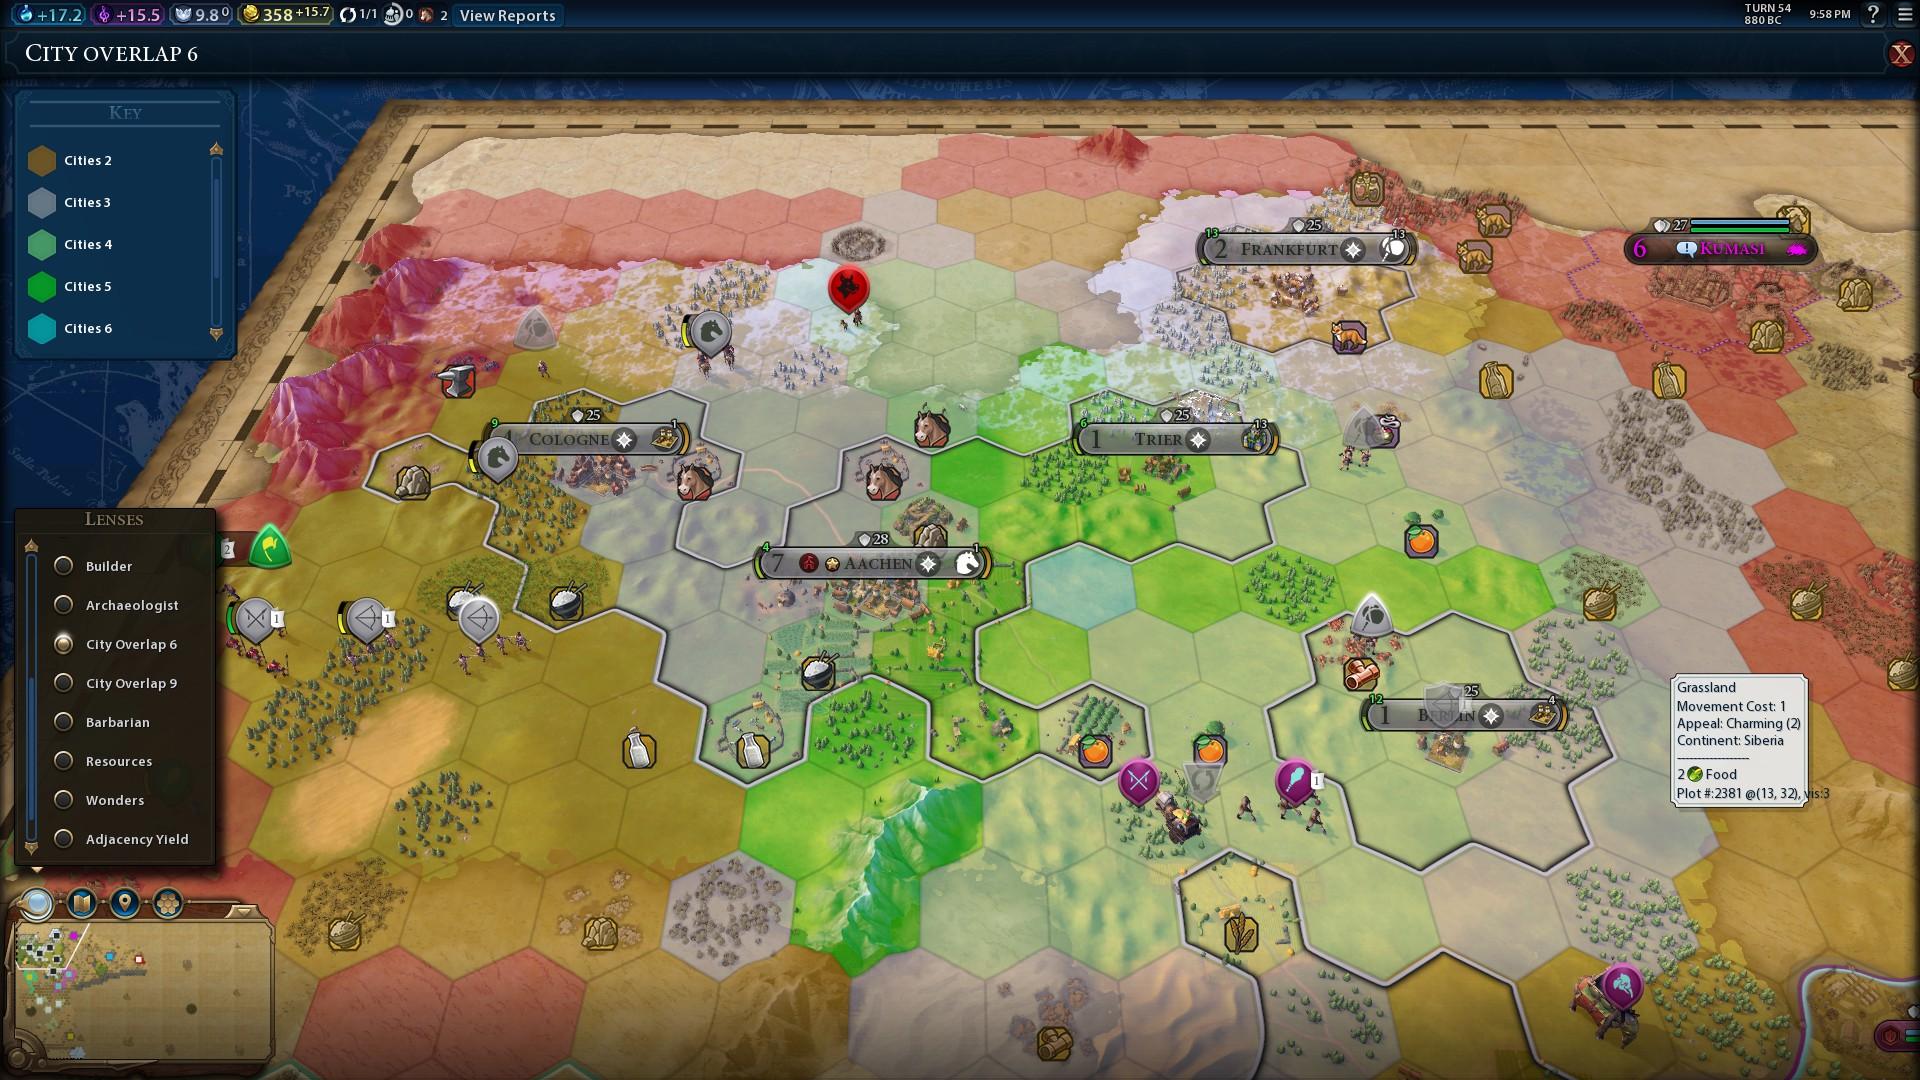 GitHub - astog/MoreLenses: More Lenses - Mod for Civilization VI